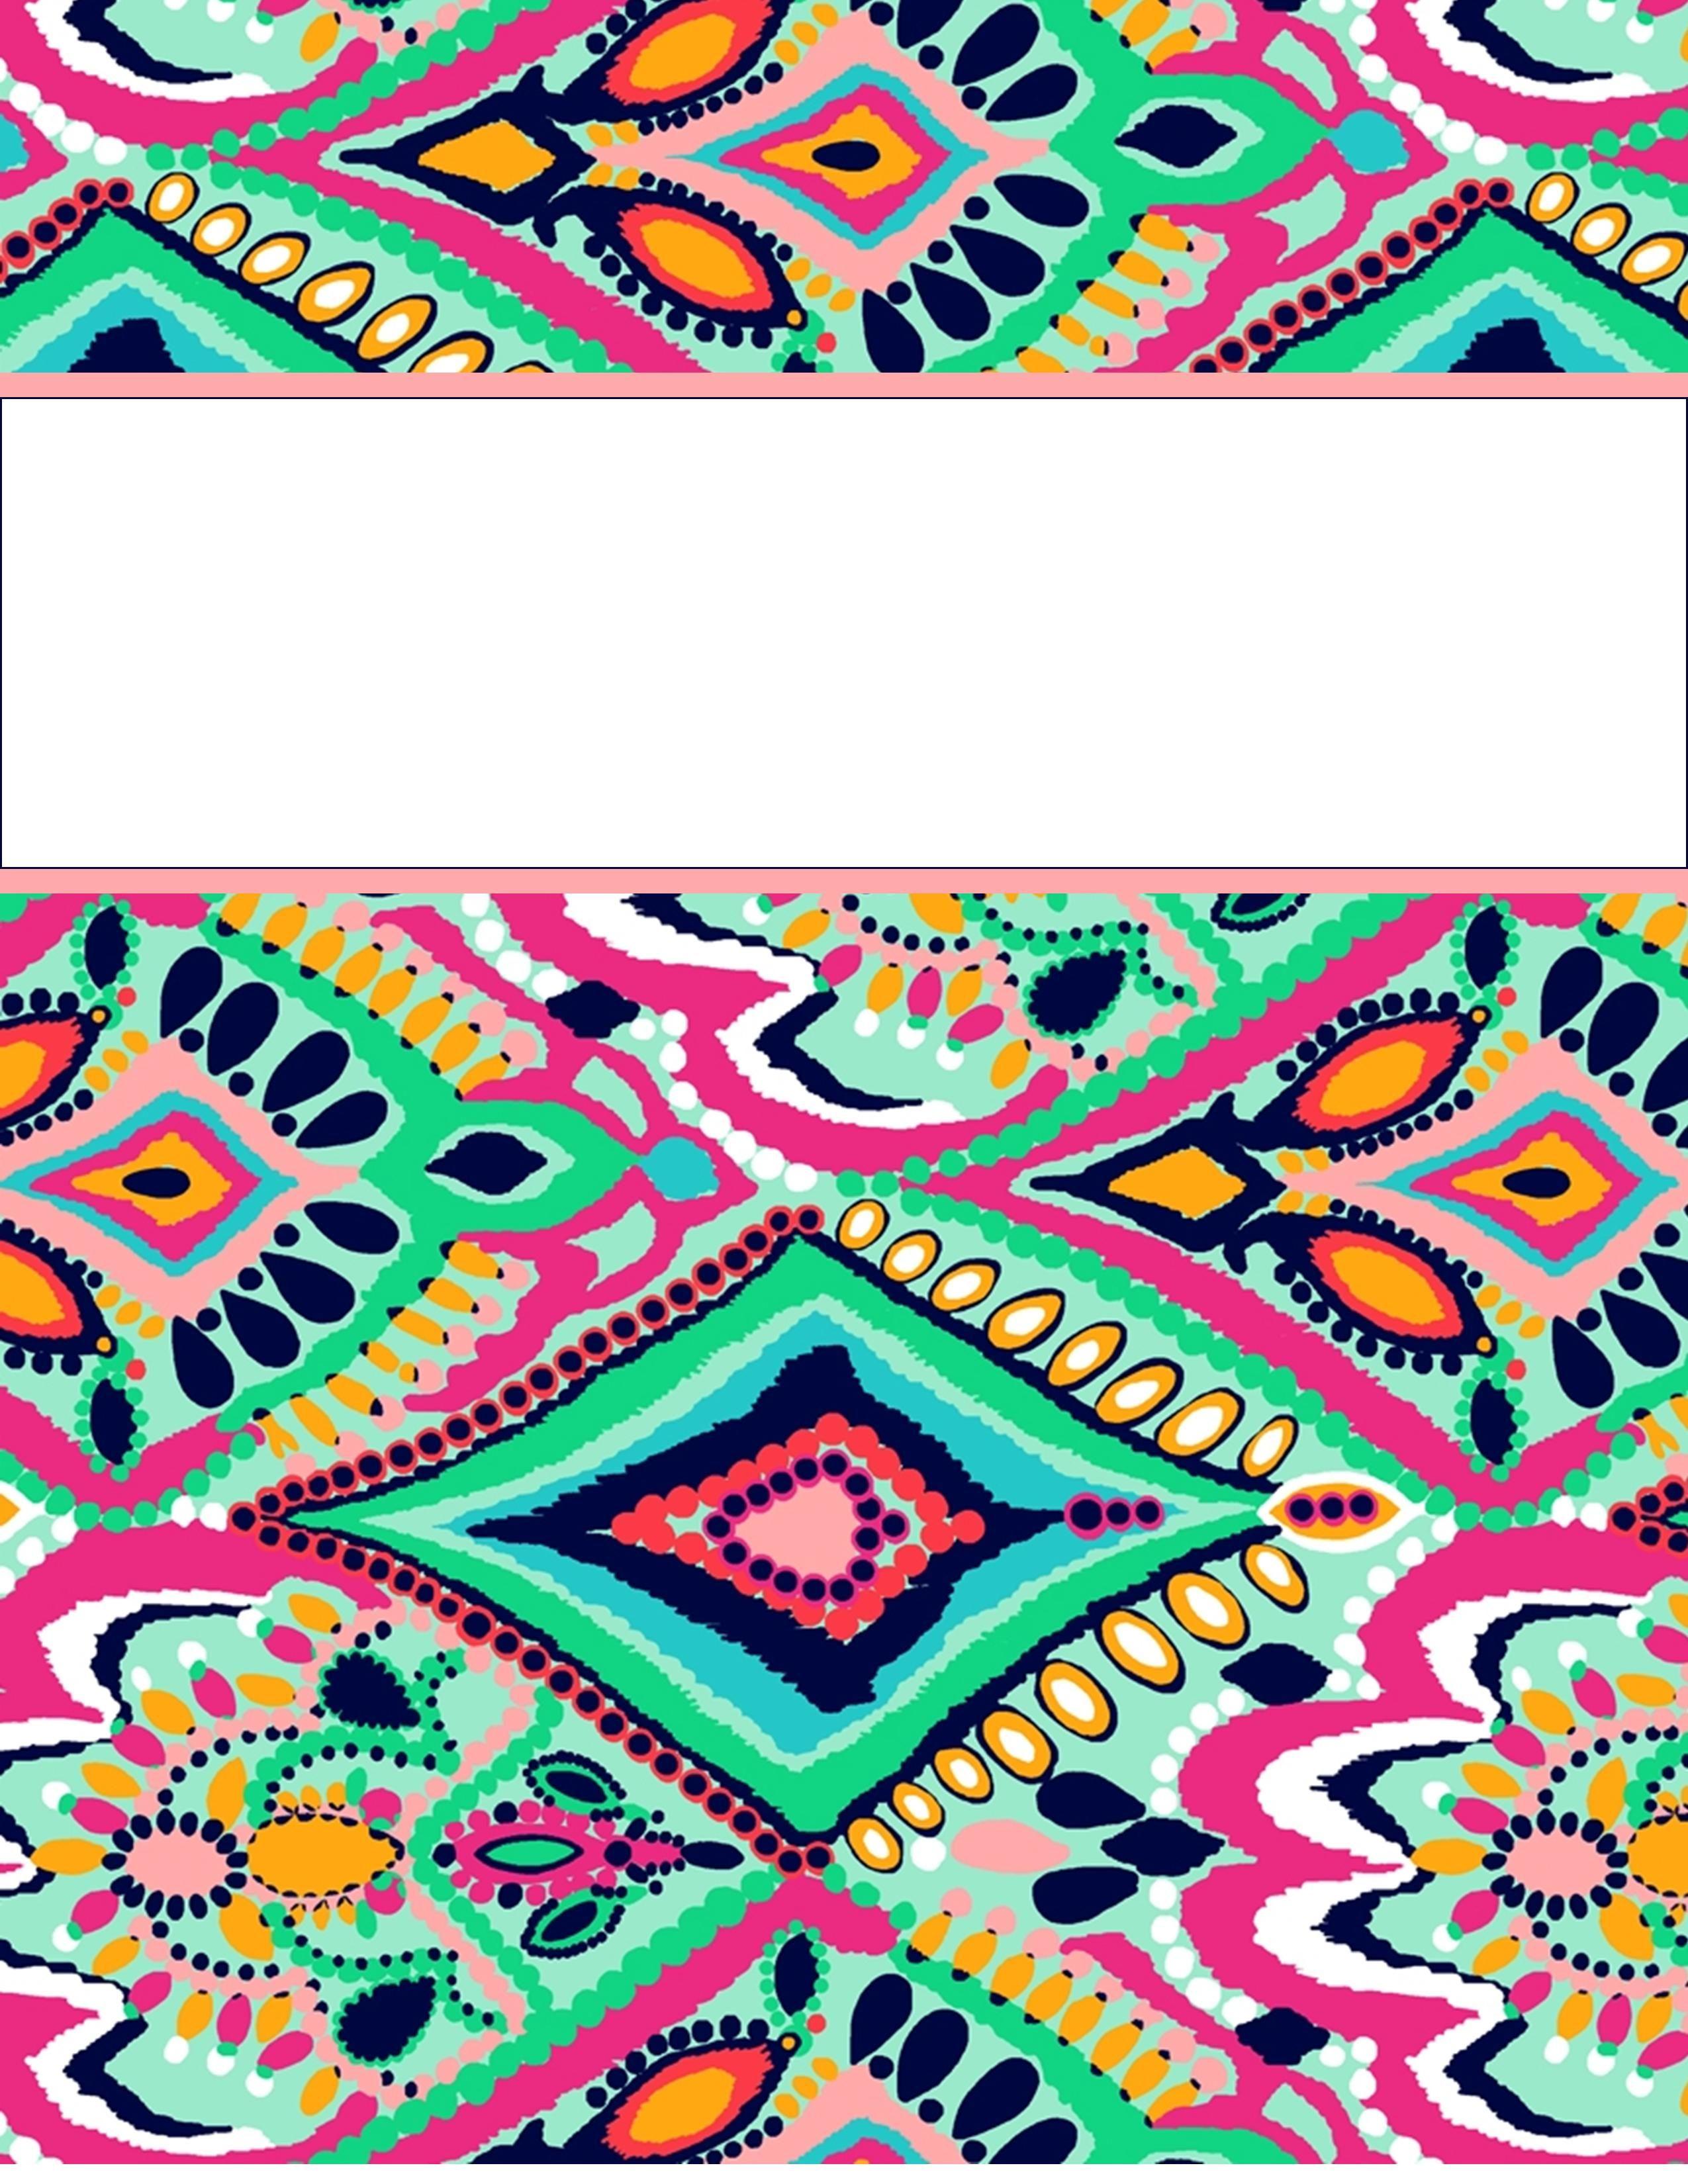 My Cute Binder Covers | Nursing School | Pinterest | Binder Cover - Free Printable Binder Cover Templates